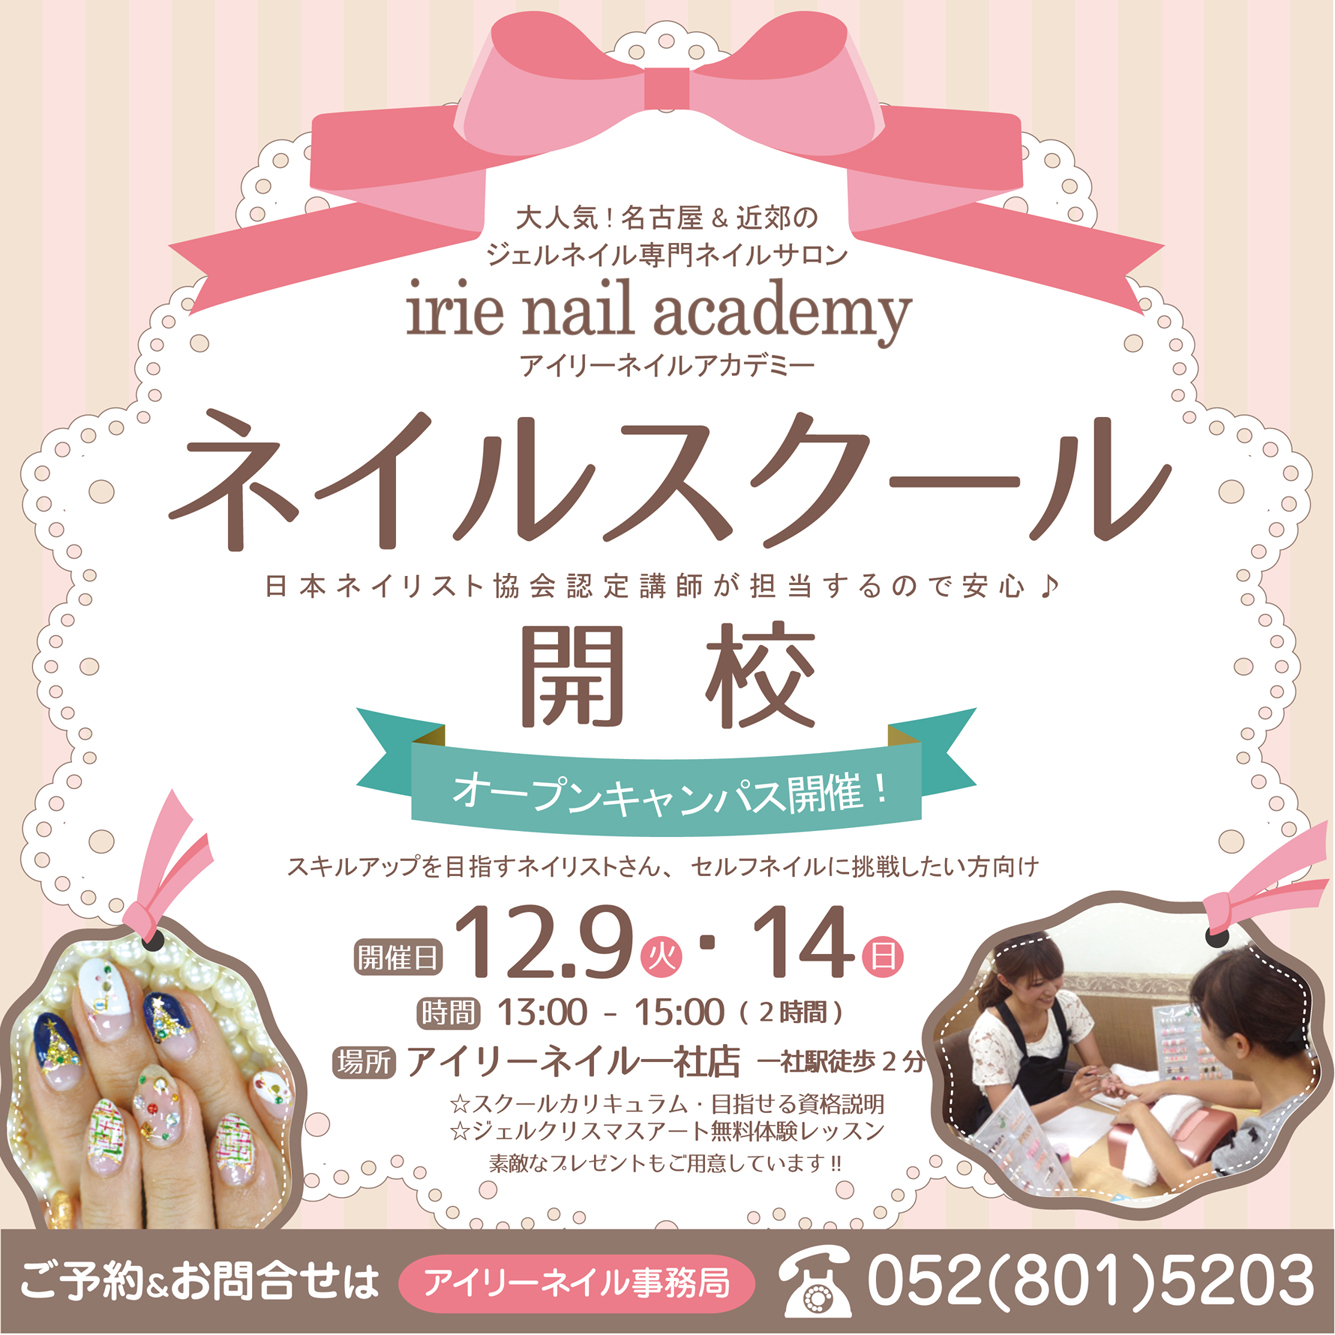 名古屋市一社でネイルスクールが開校!